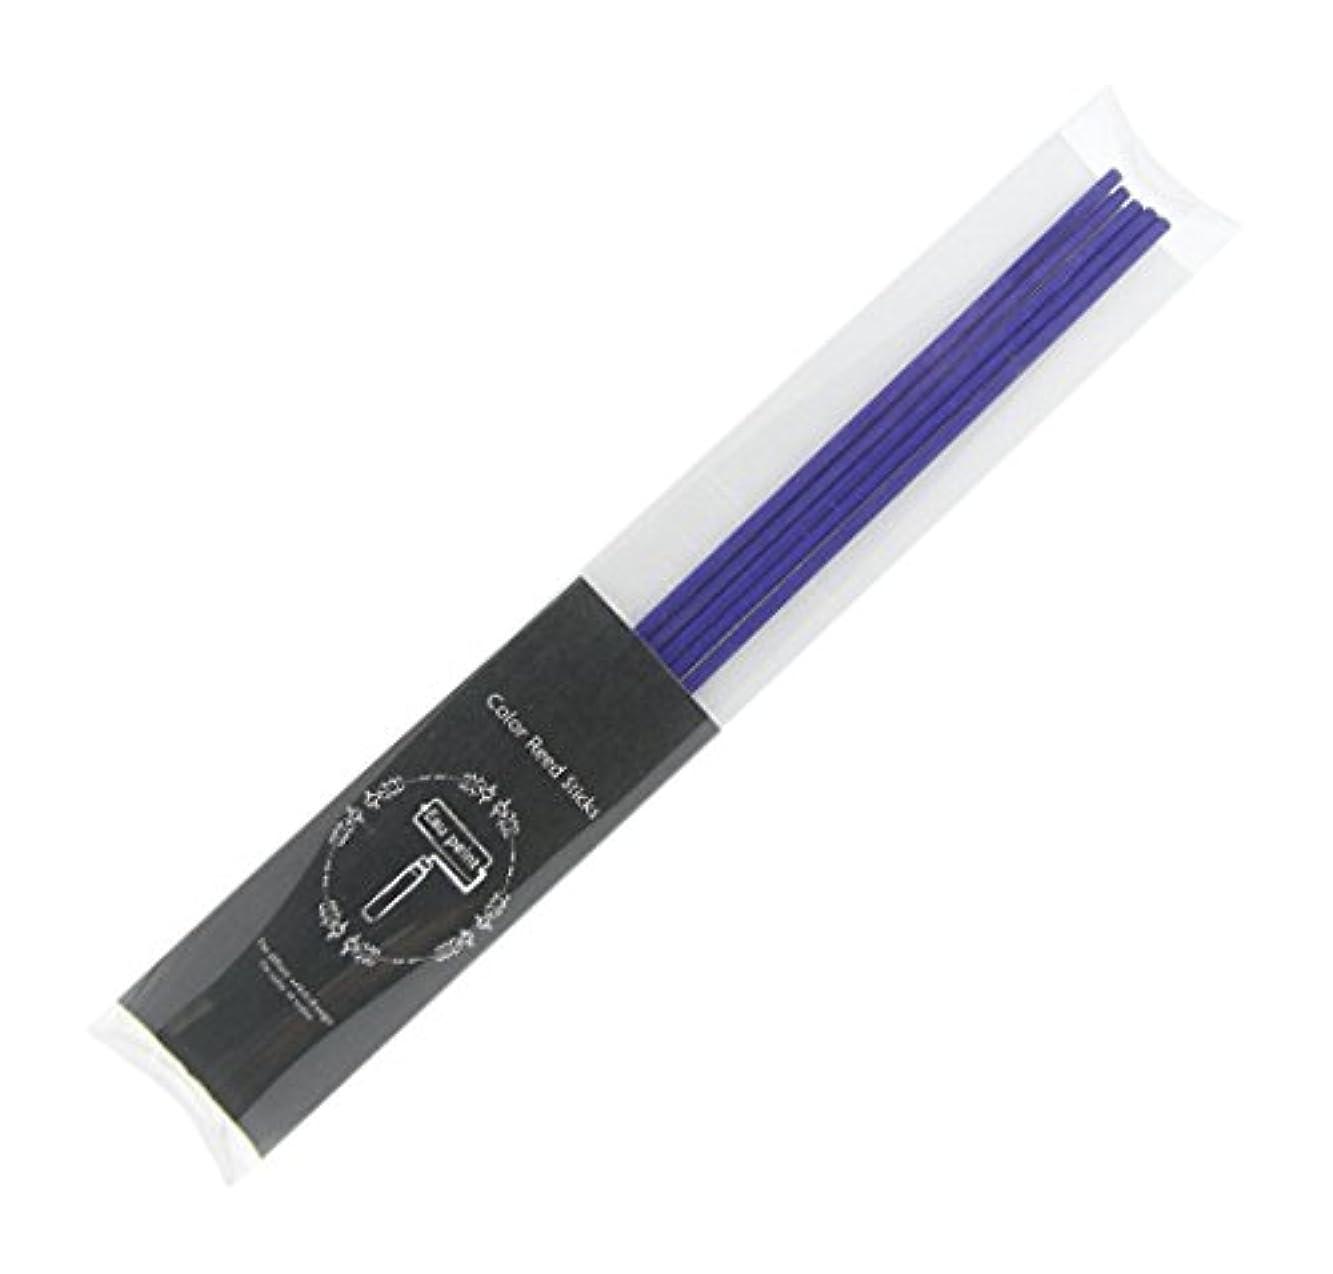 忘れられない破滅的な歩行者Eau peint mais+ カラースティック リードディフューザー用スティック 5本入 パープル Purple オーペイント マイス